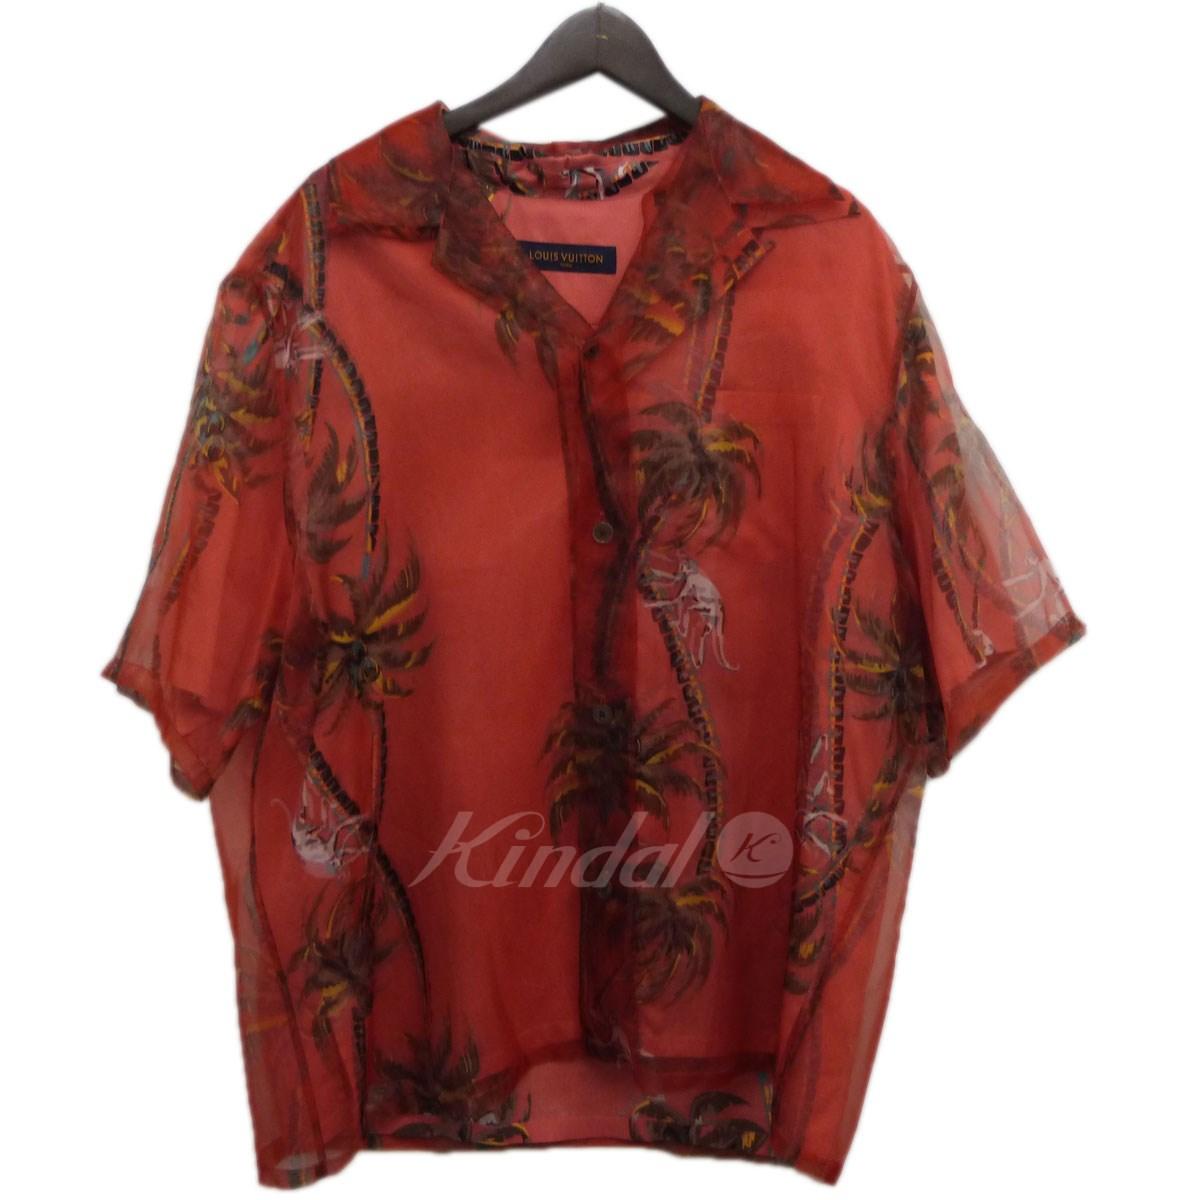 【中古】LOUIS VUITTON 18SS ハワインアンリリーダブルレイヤーシャツ レッド サイズ:XL 【送料無料】 【130319】(ルイヴィトン)